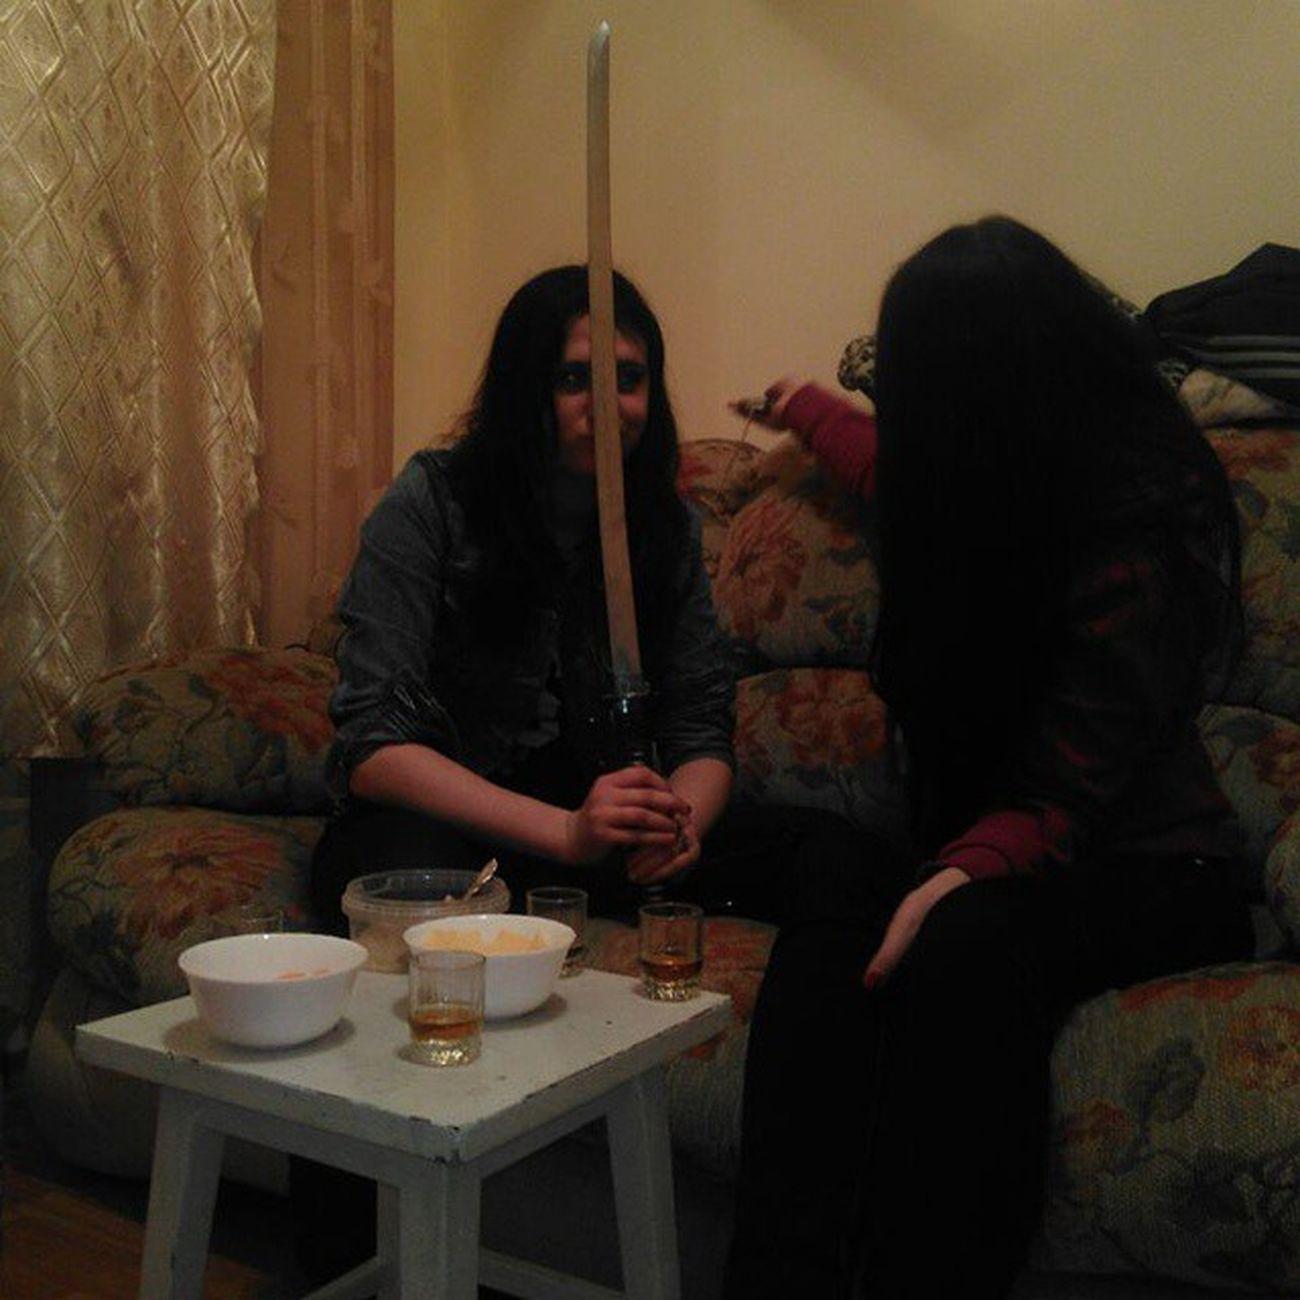 когда делать нечего катана была холодненькая ))))